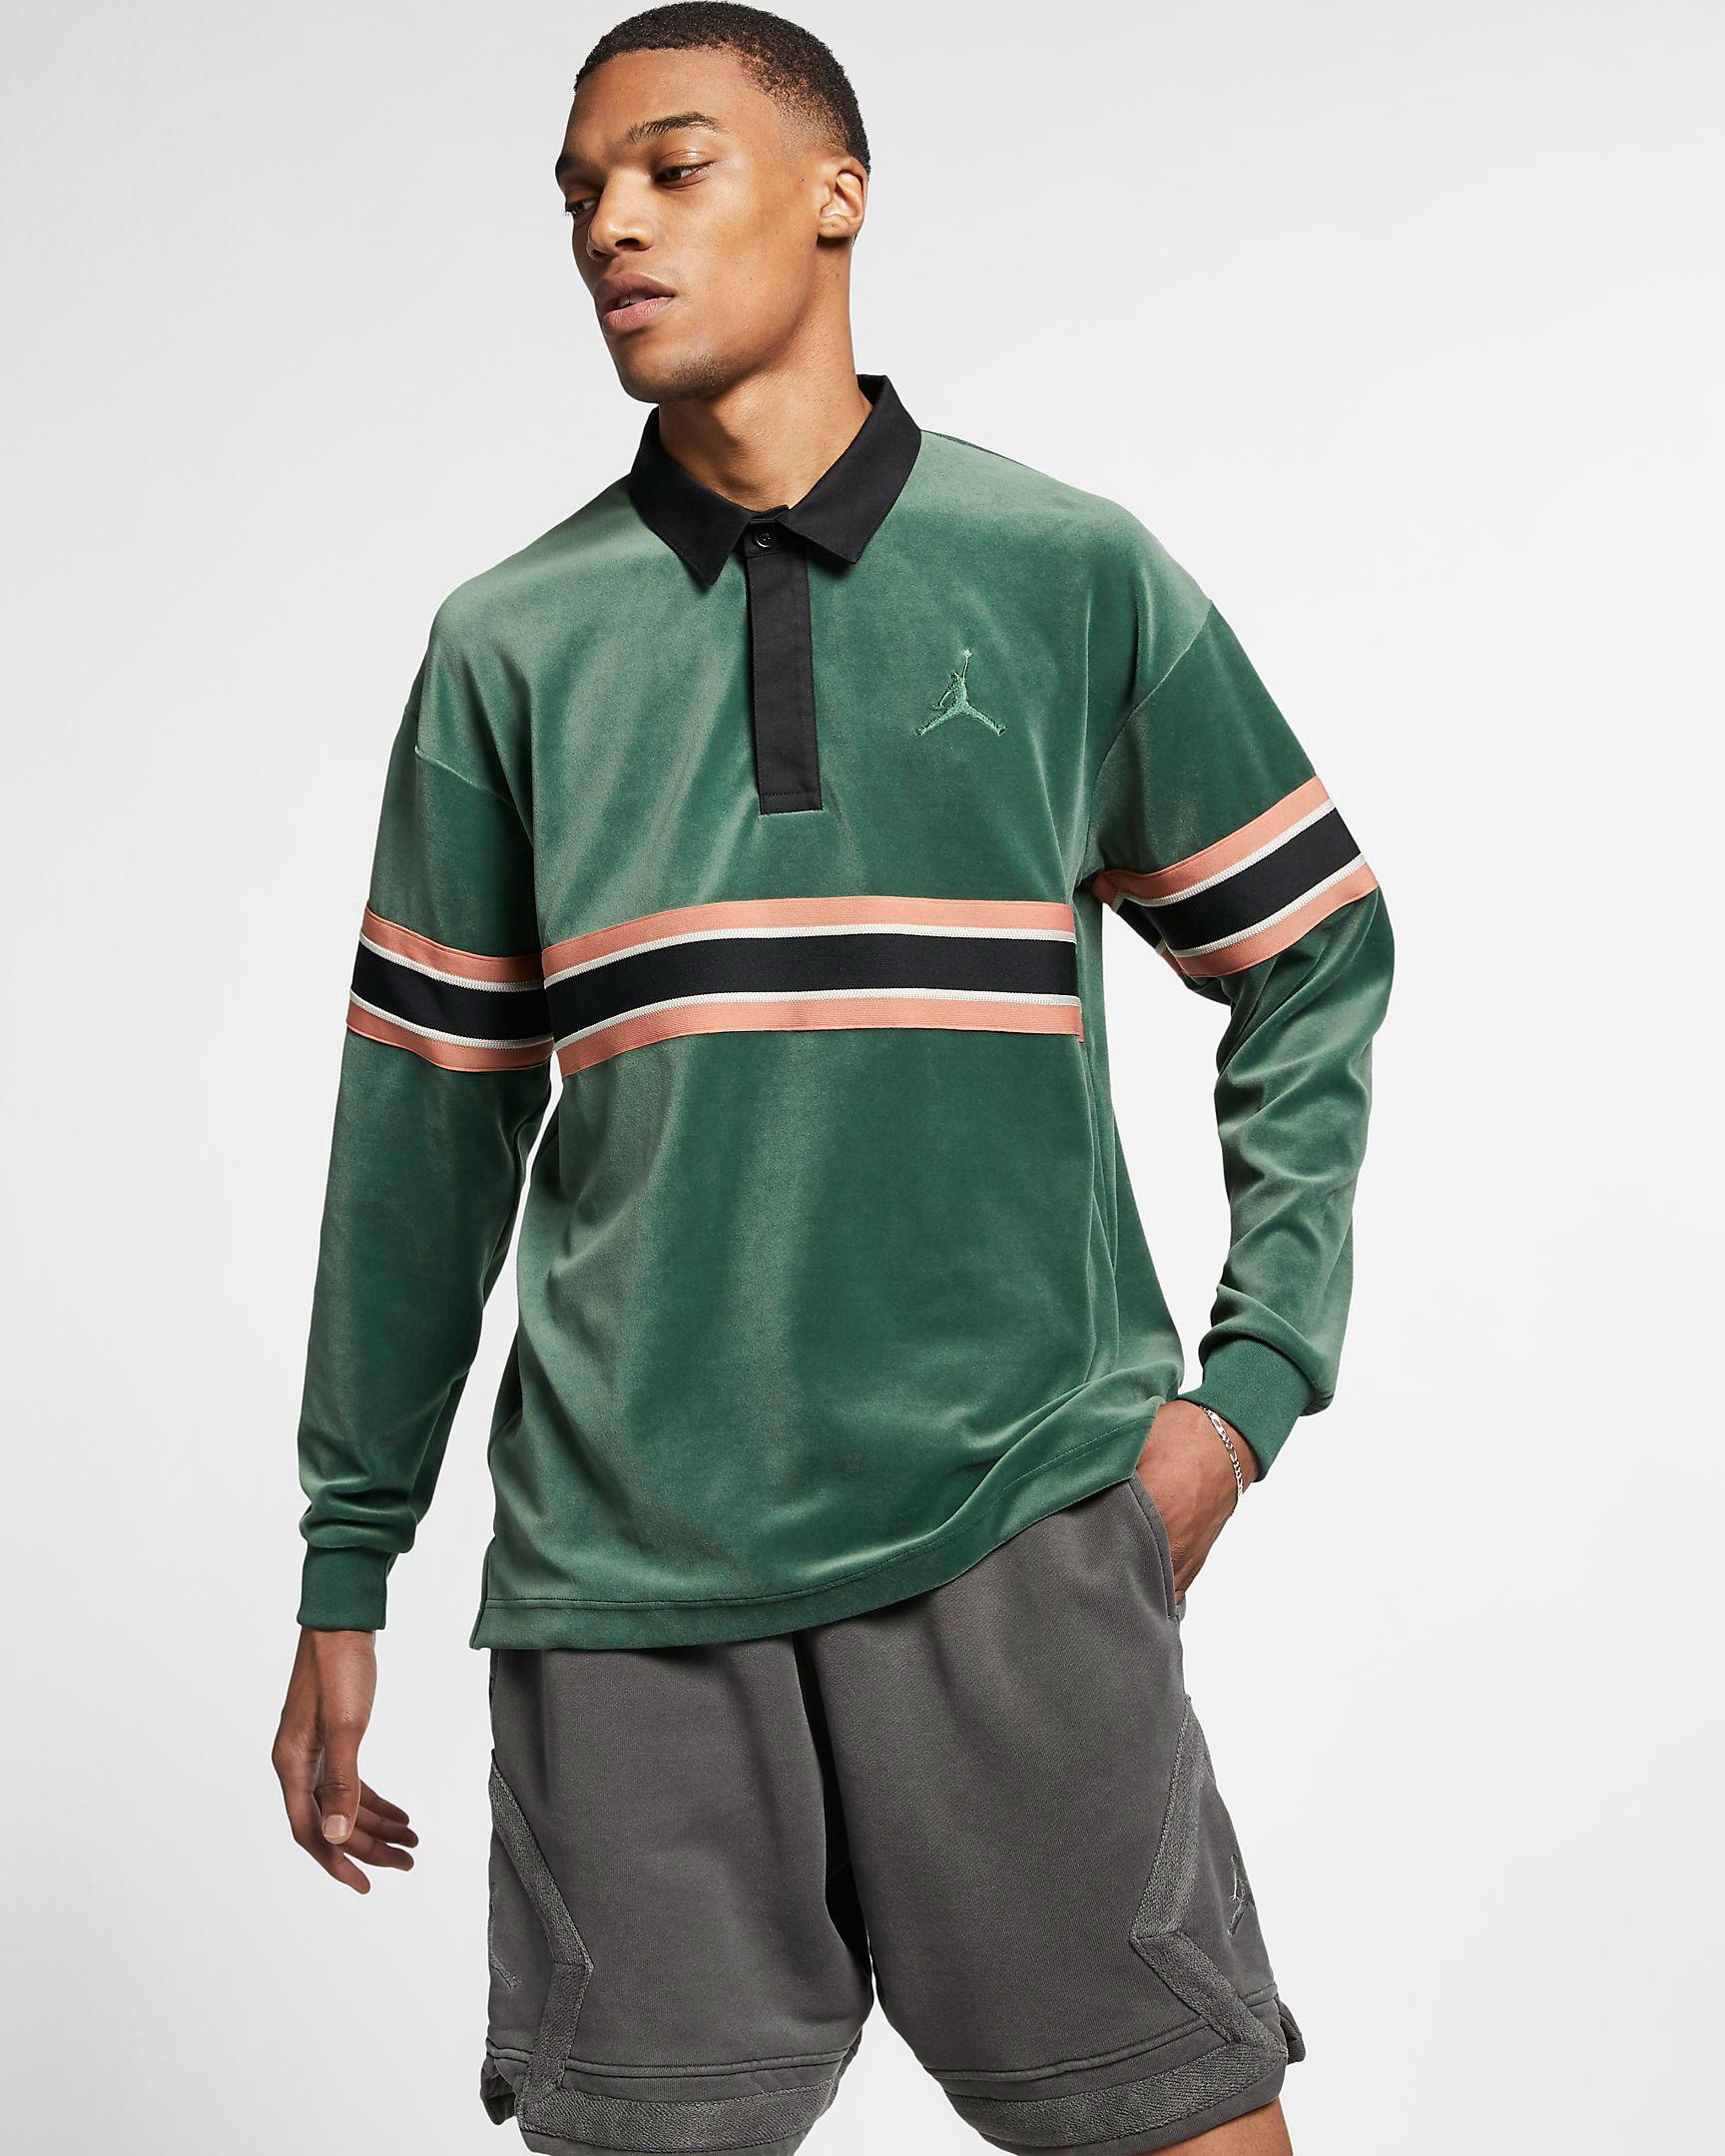 jordan-1-crimson-tint-matching-shirt-3